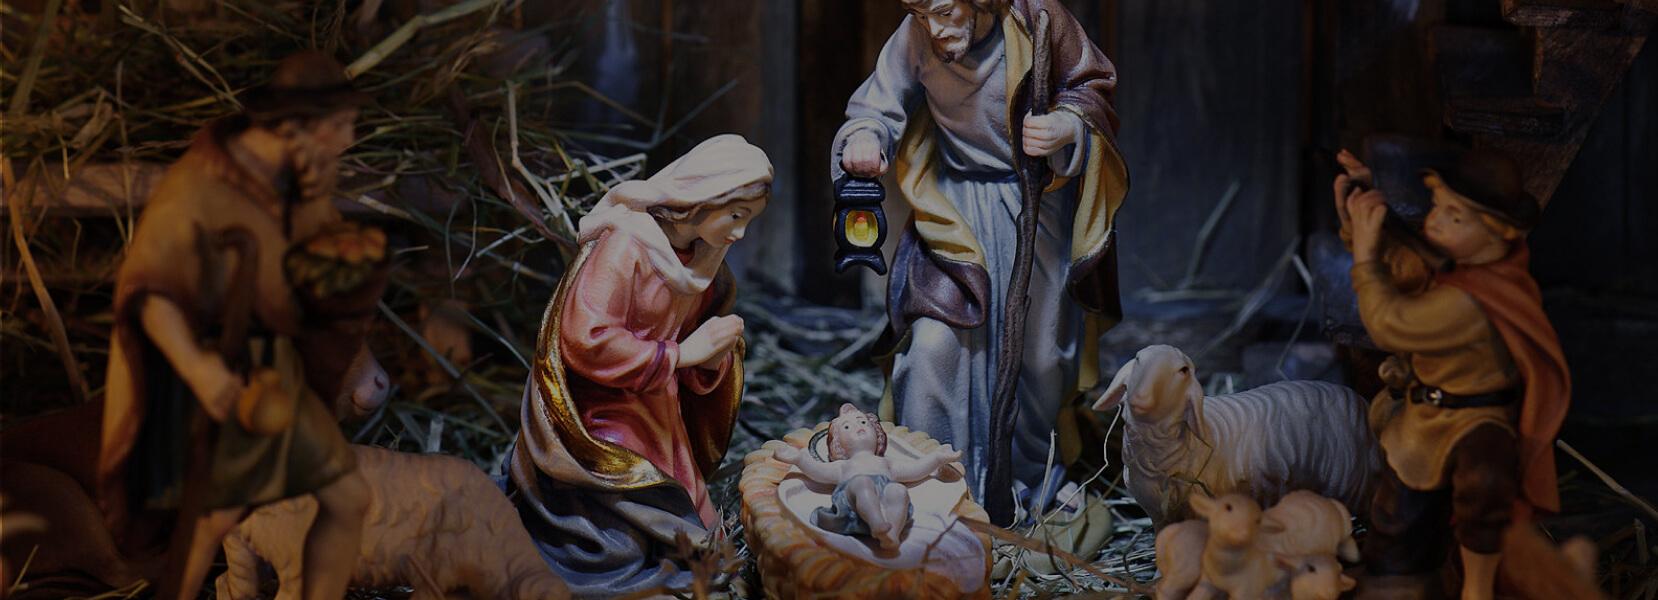 Рождественская продукция